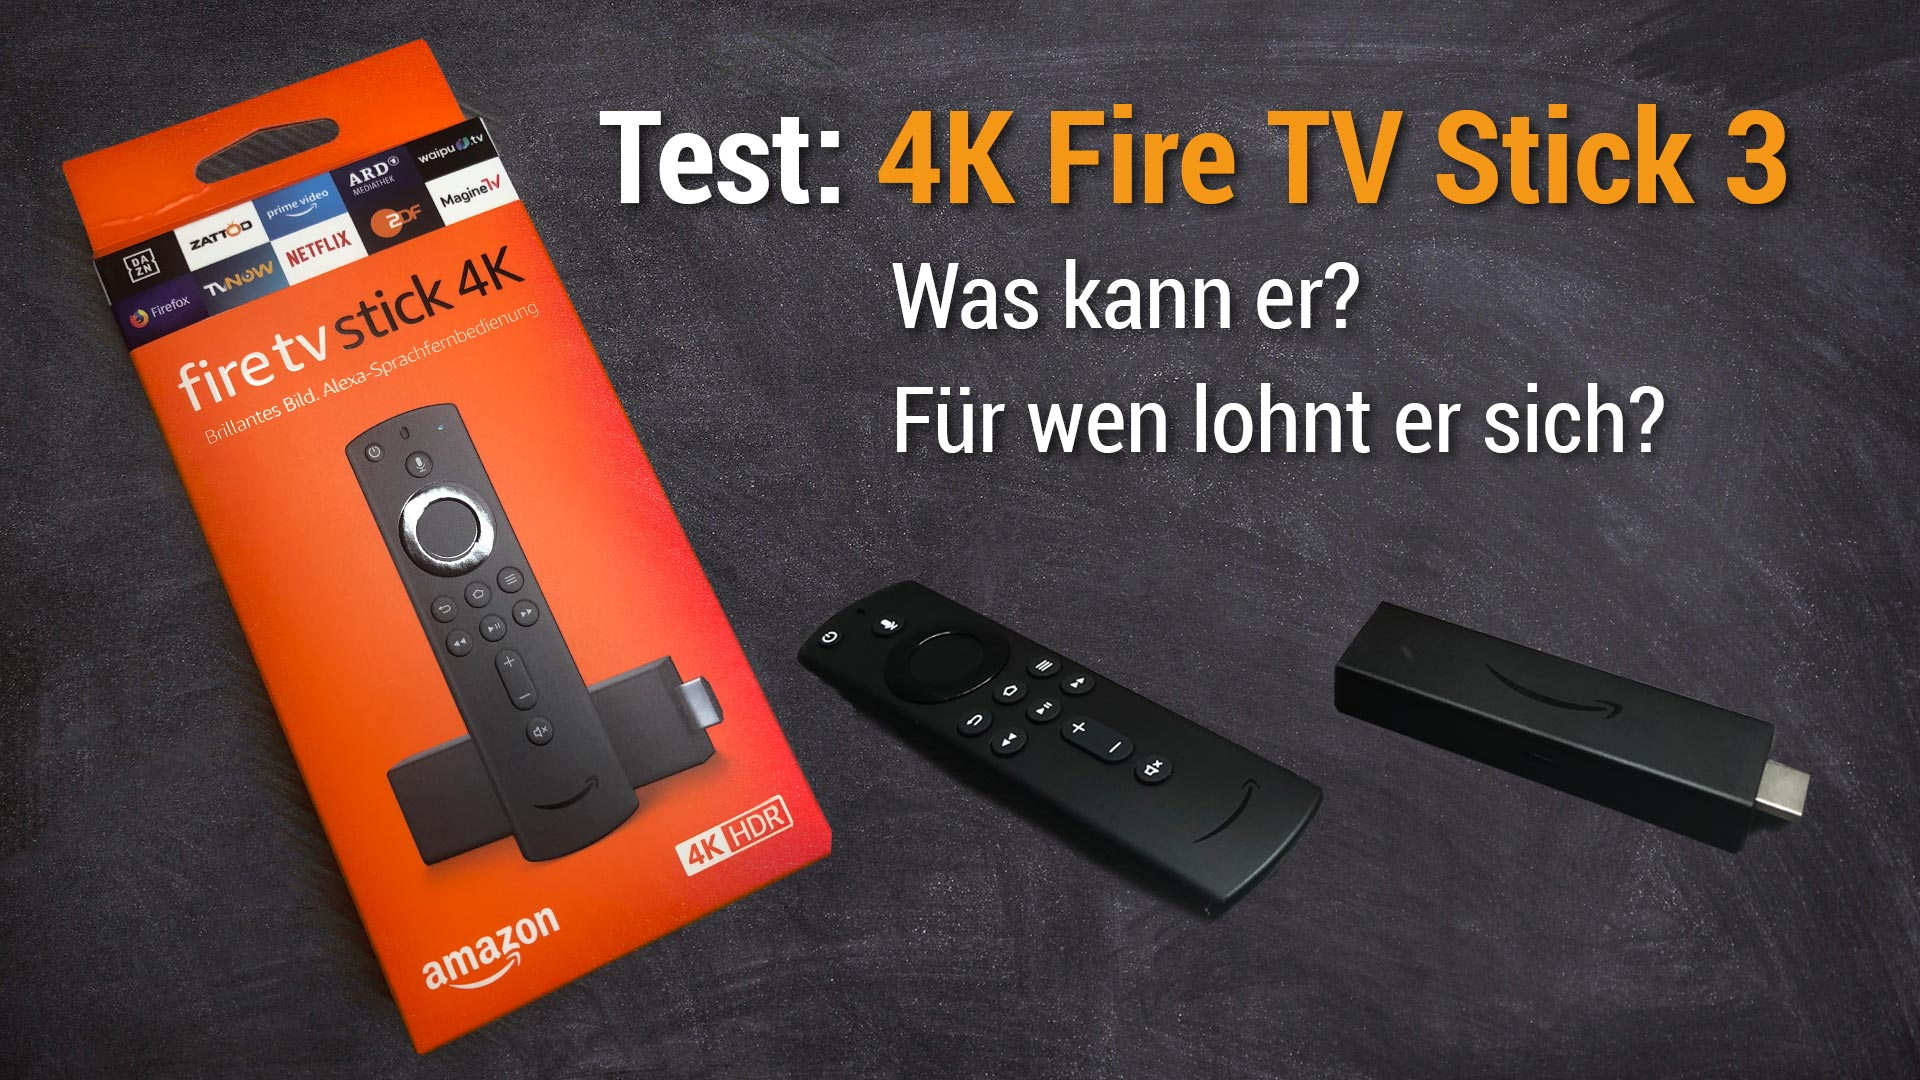 Test: Fire TV Stick 4k: Was kann er & lohnt er sich? (deutsch)